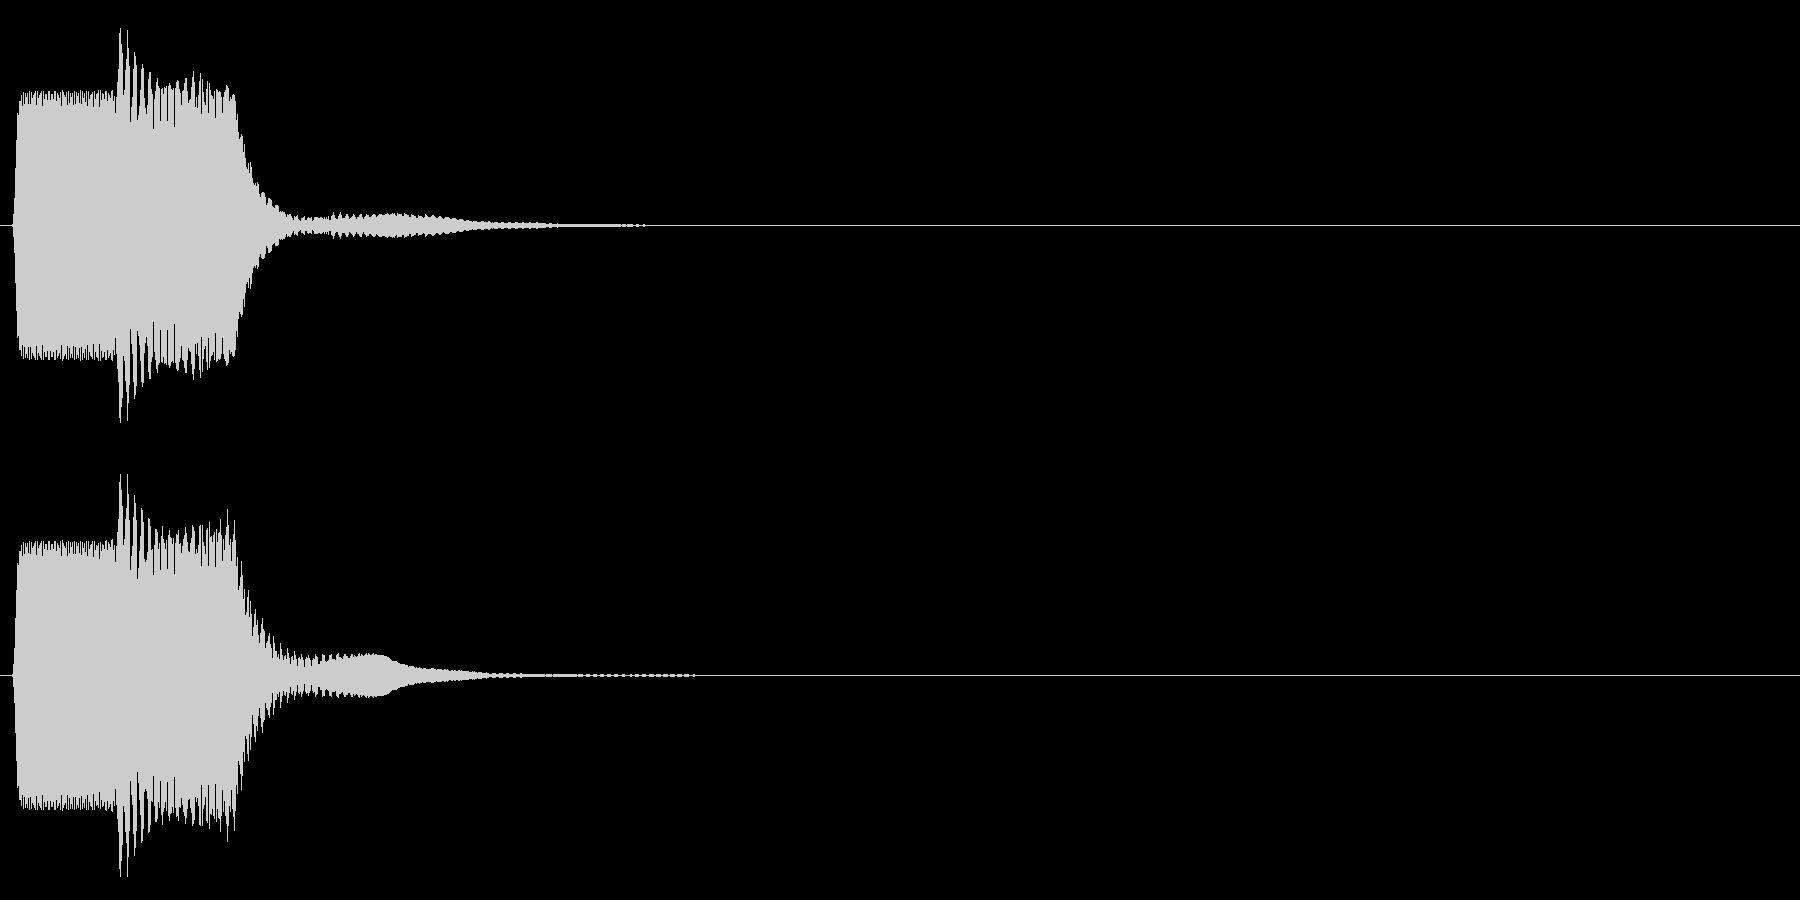 ピコン_矩形波(終了,停止,通知)_01の未再生の波形